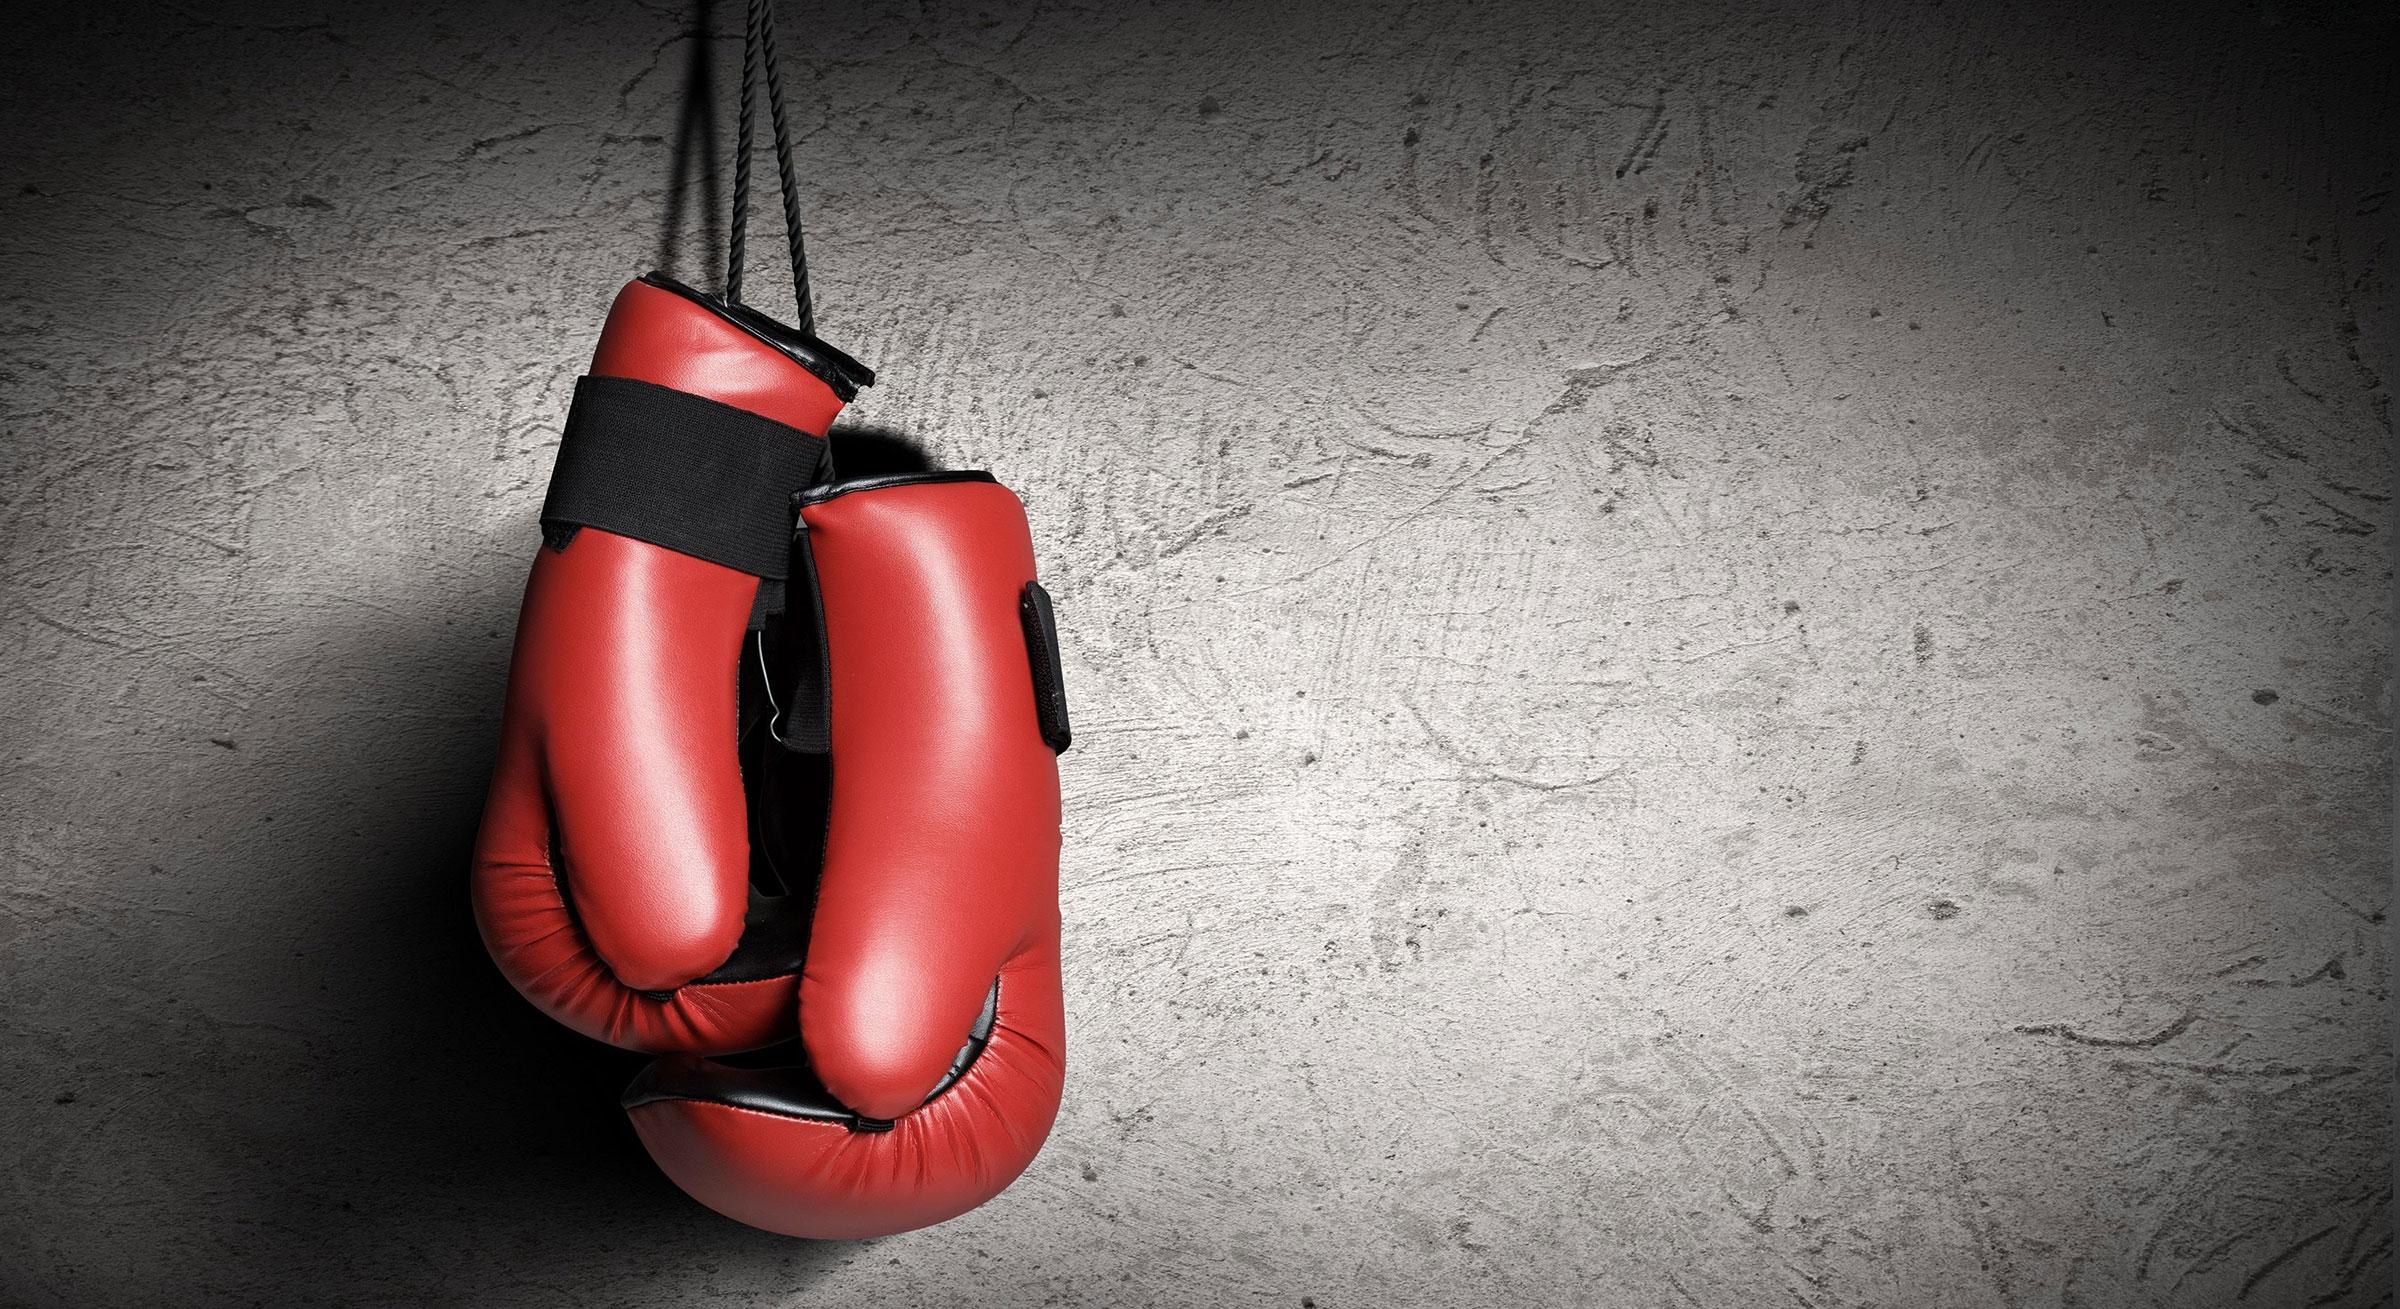 20181112 boxing-gloves.jpg